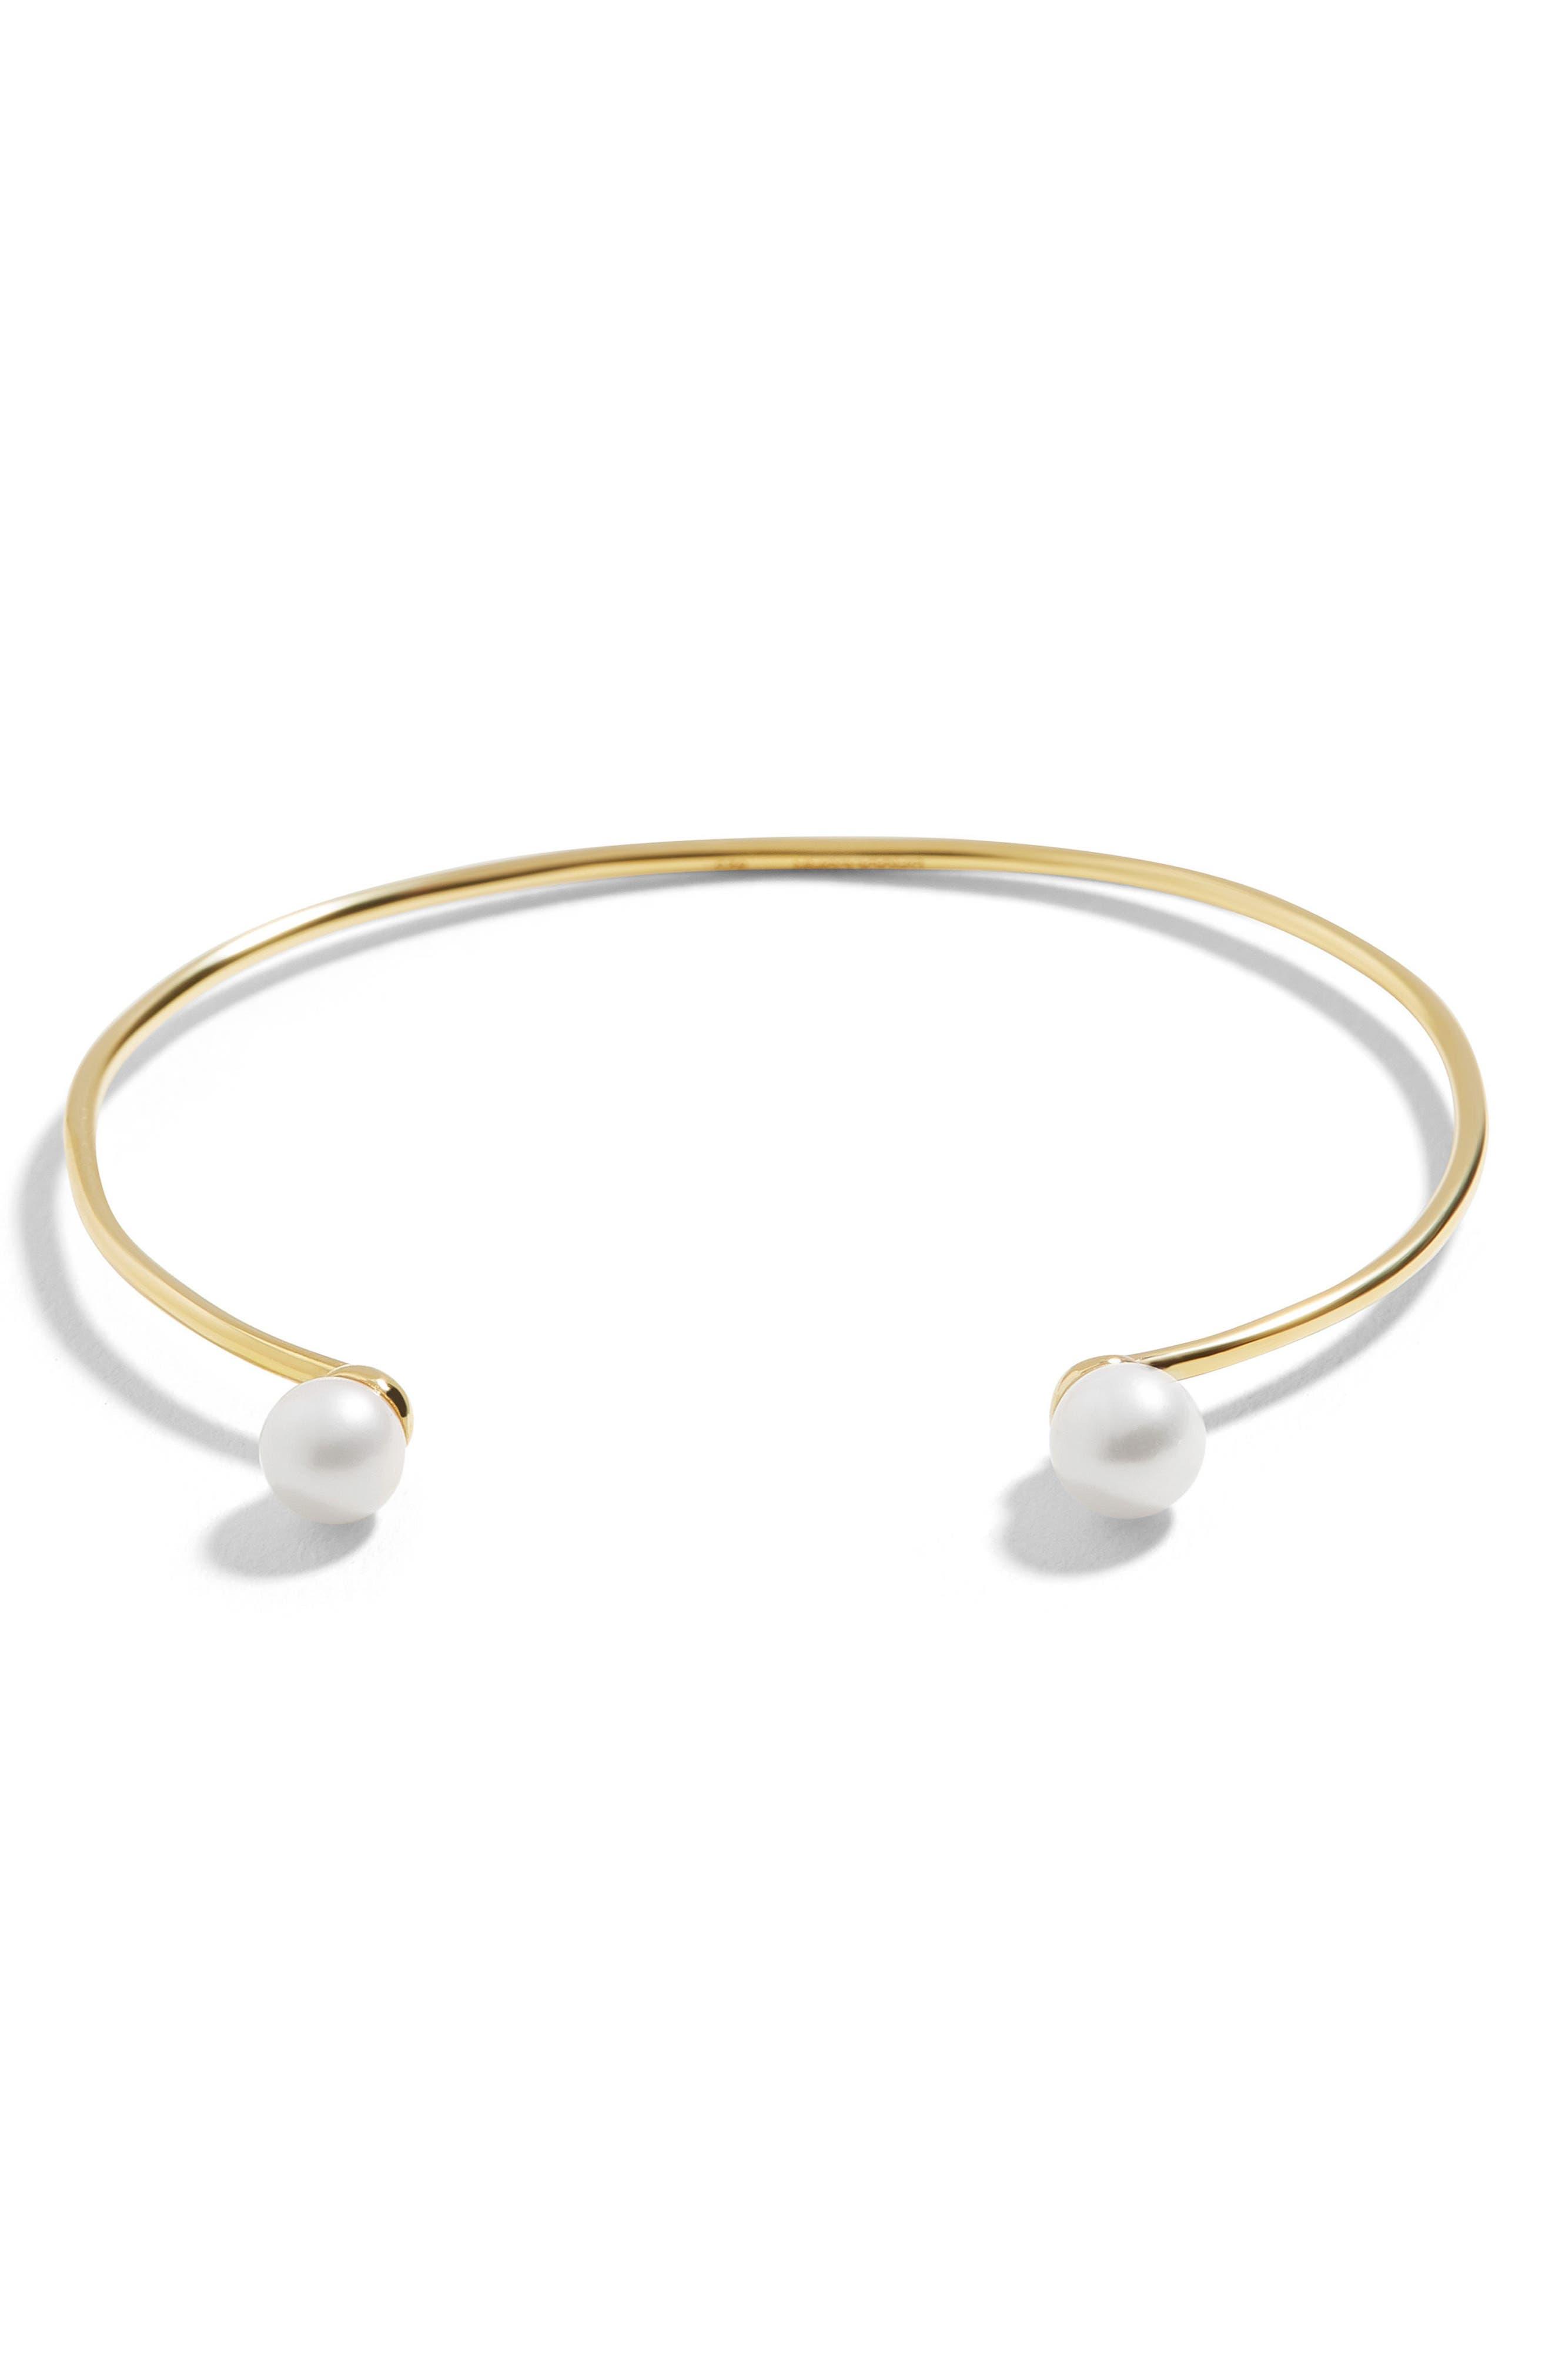 Perla Everyday Fine Cuff Bracelet,                         Main,                         color, Pearl